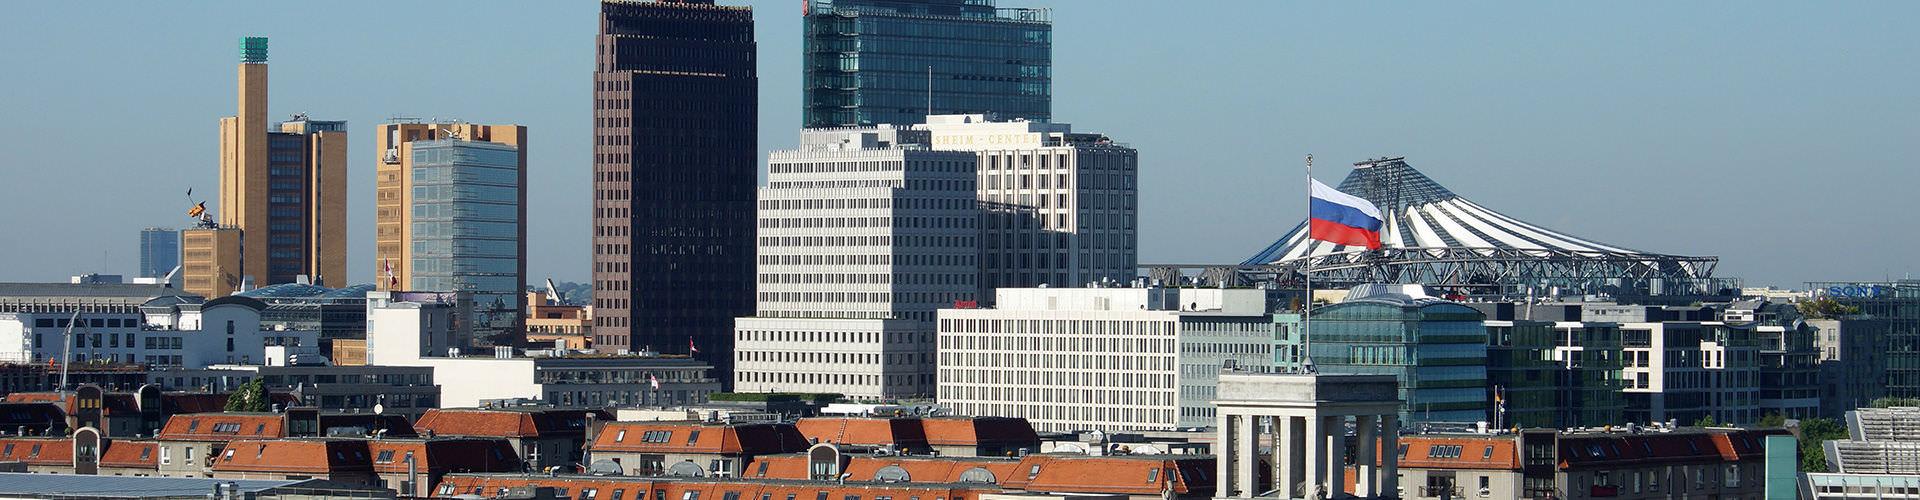 Berlin – Hostels in der Nähe von Potsdamer Platz. Berlin auf der Karte. Fotos und Bewertungen für jedes Hostel in Berlin.